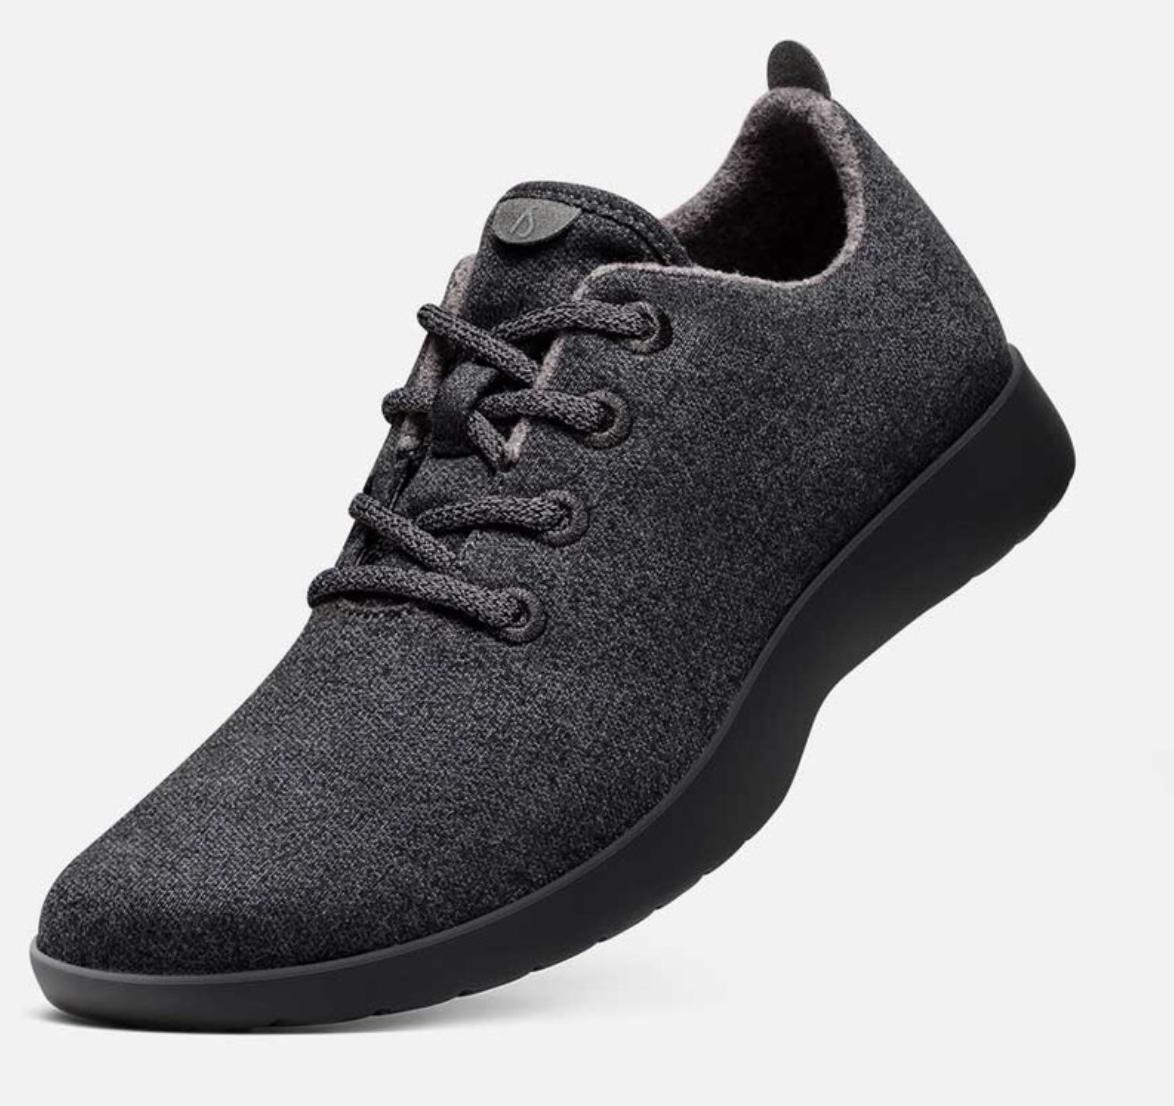 Allbirds Wool Sneakers — OmarKnows